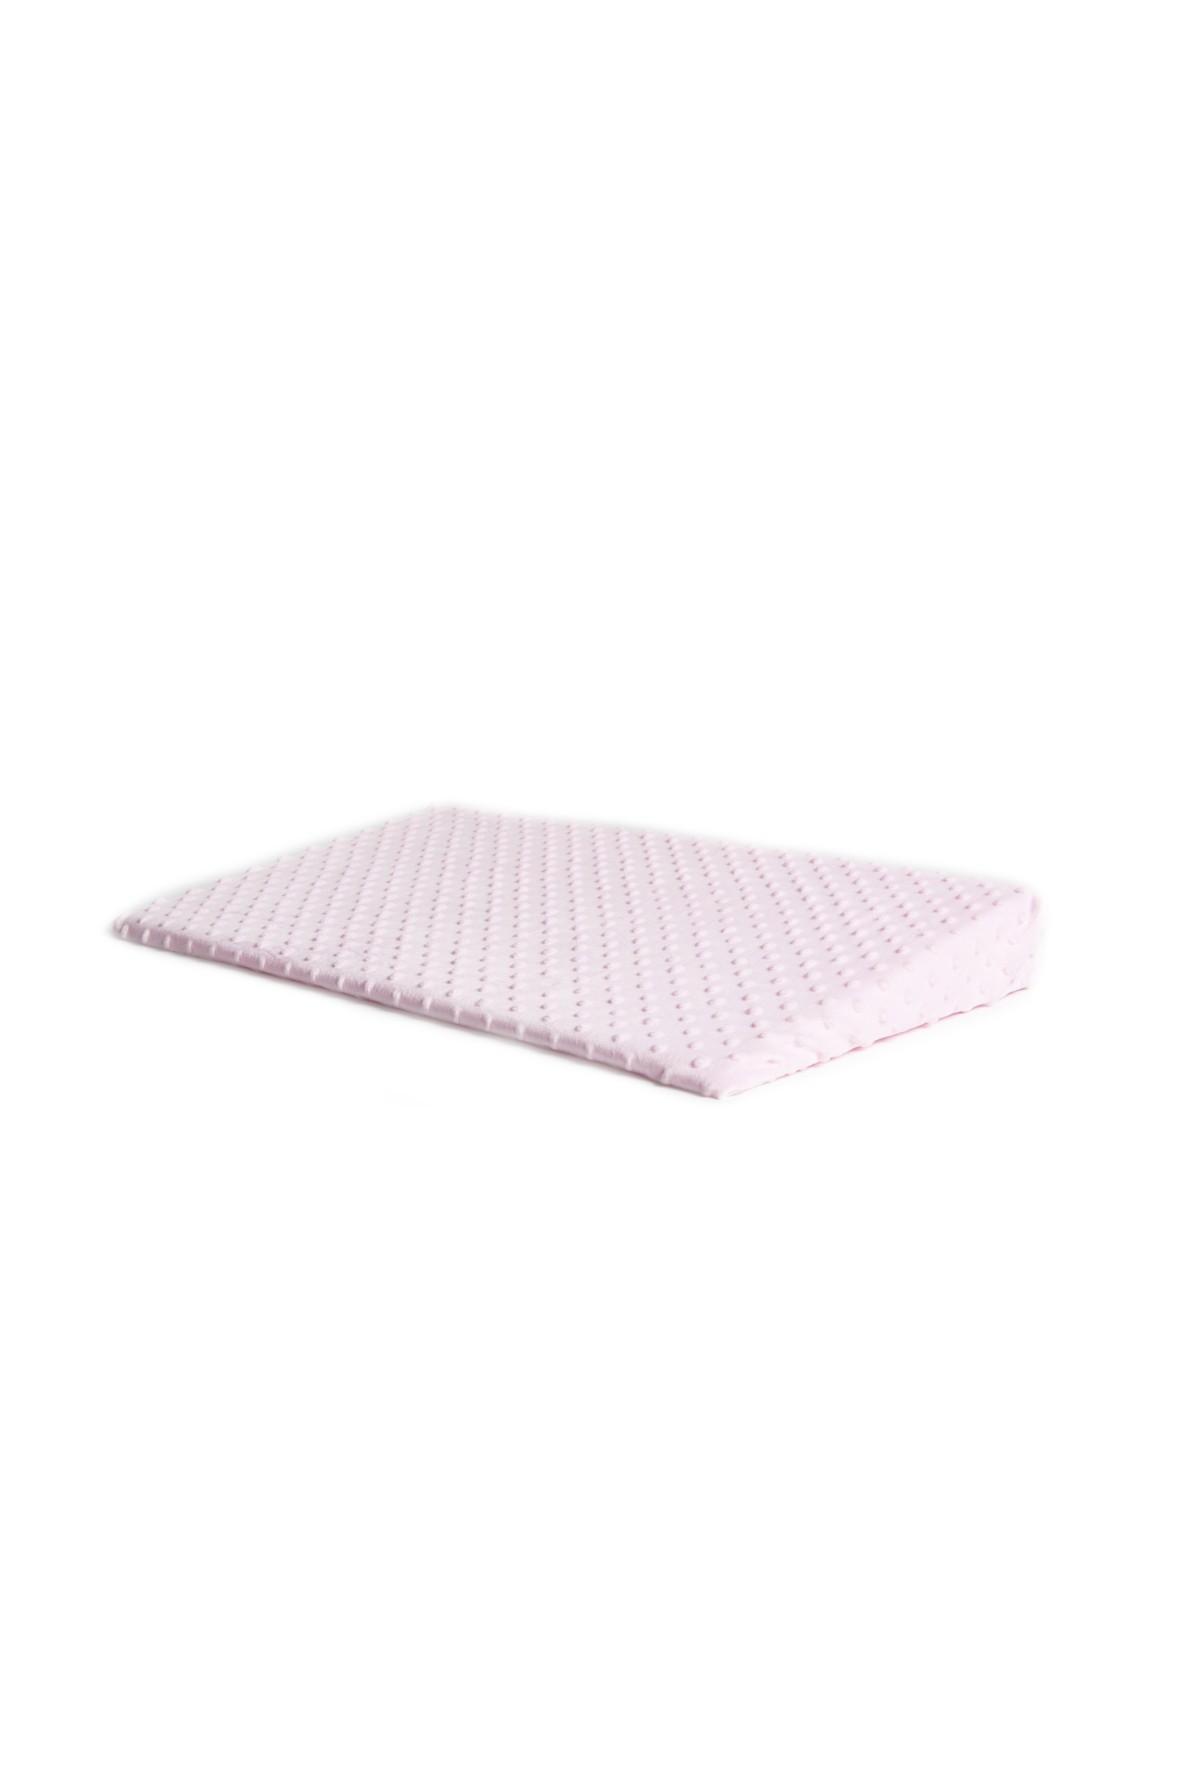 Poduszka klin minky 60 x 37 x 7 cm różowa